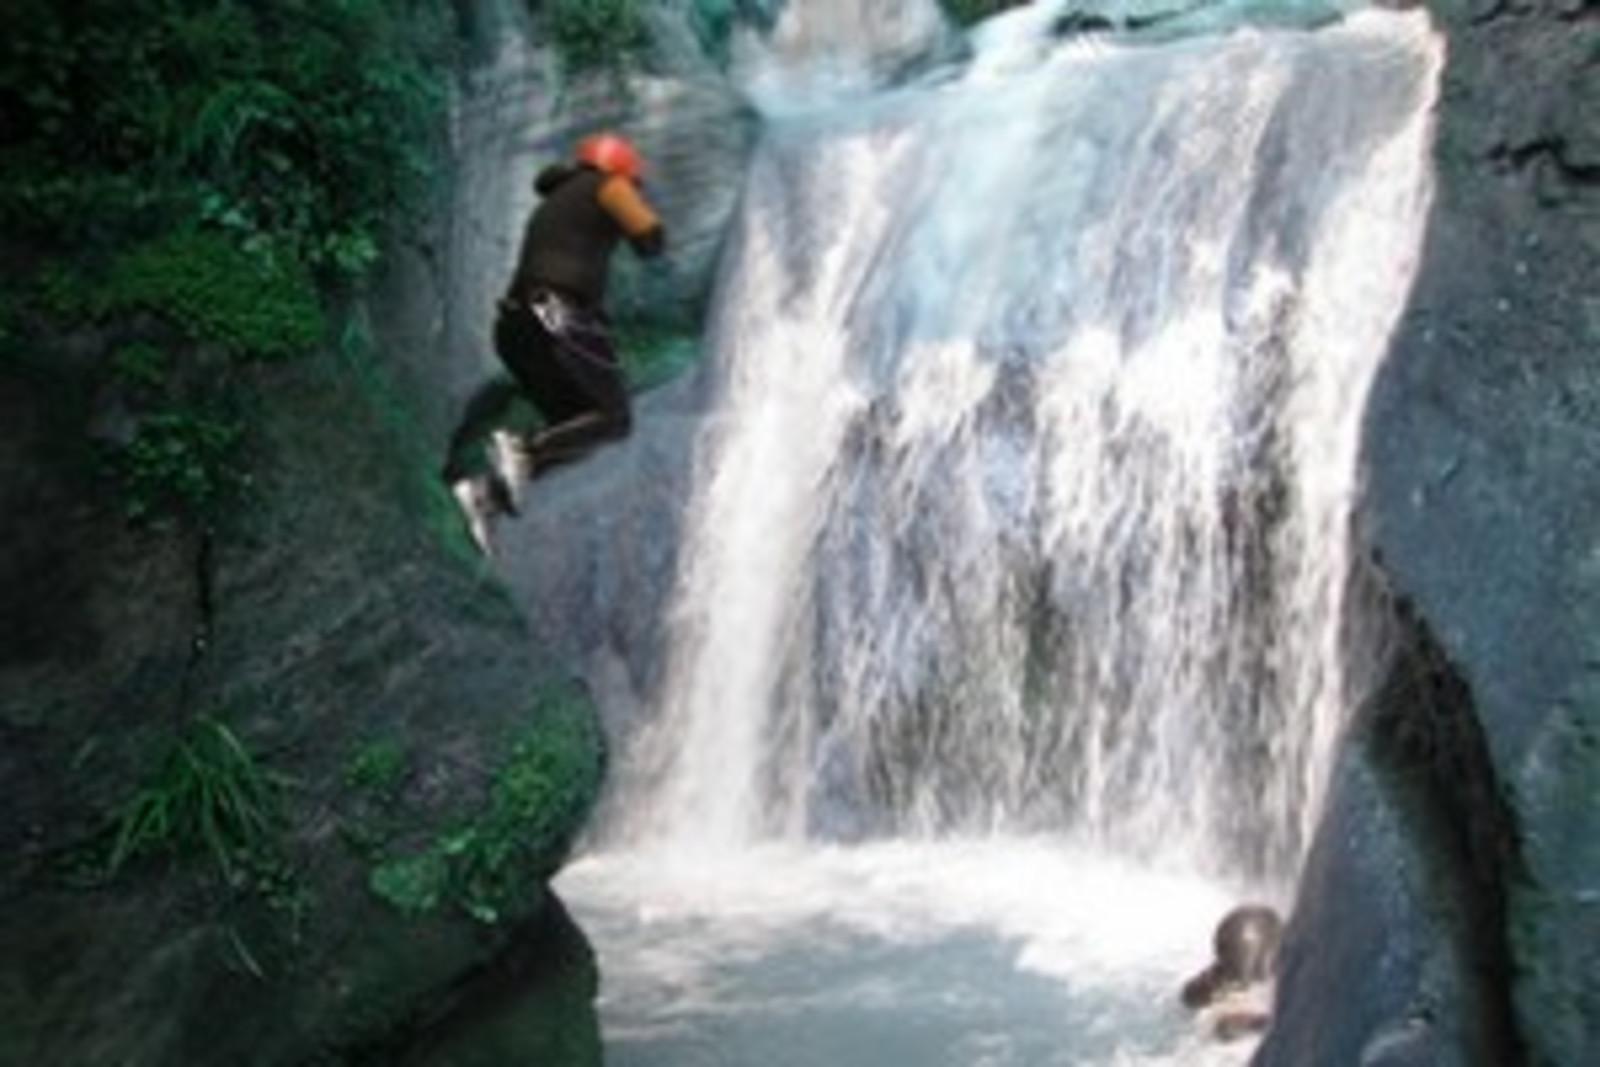 150 cascades vol 1 - 2 9